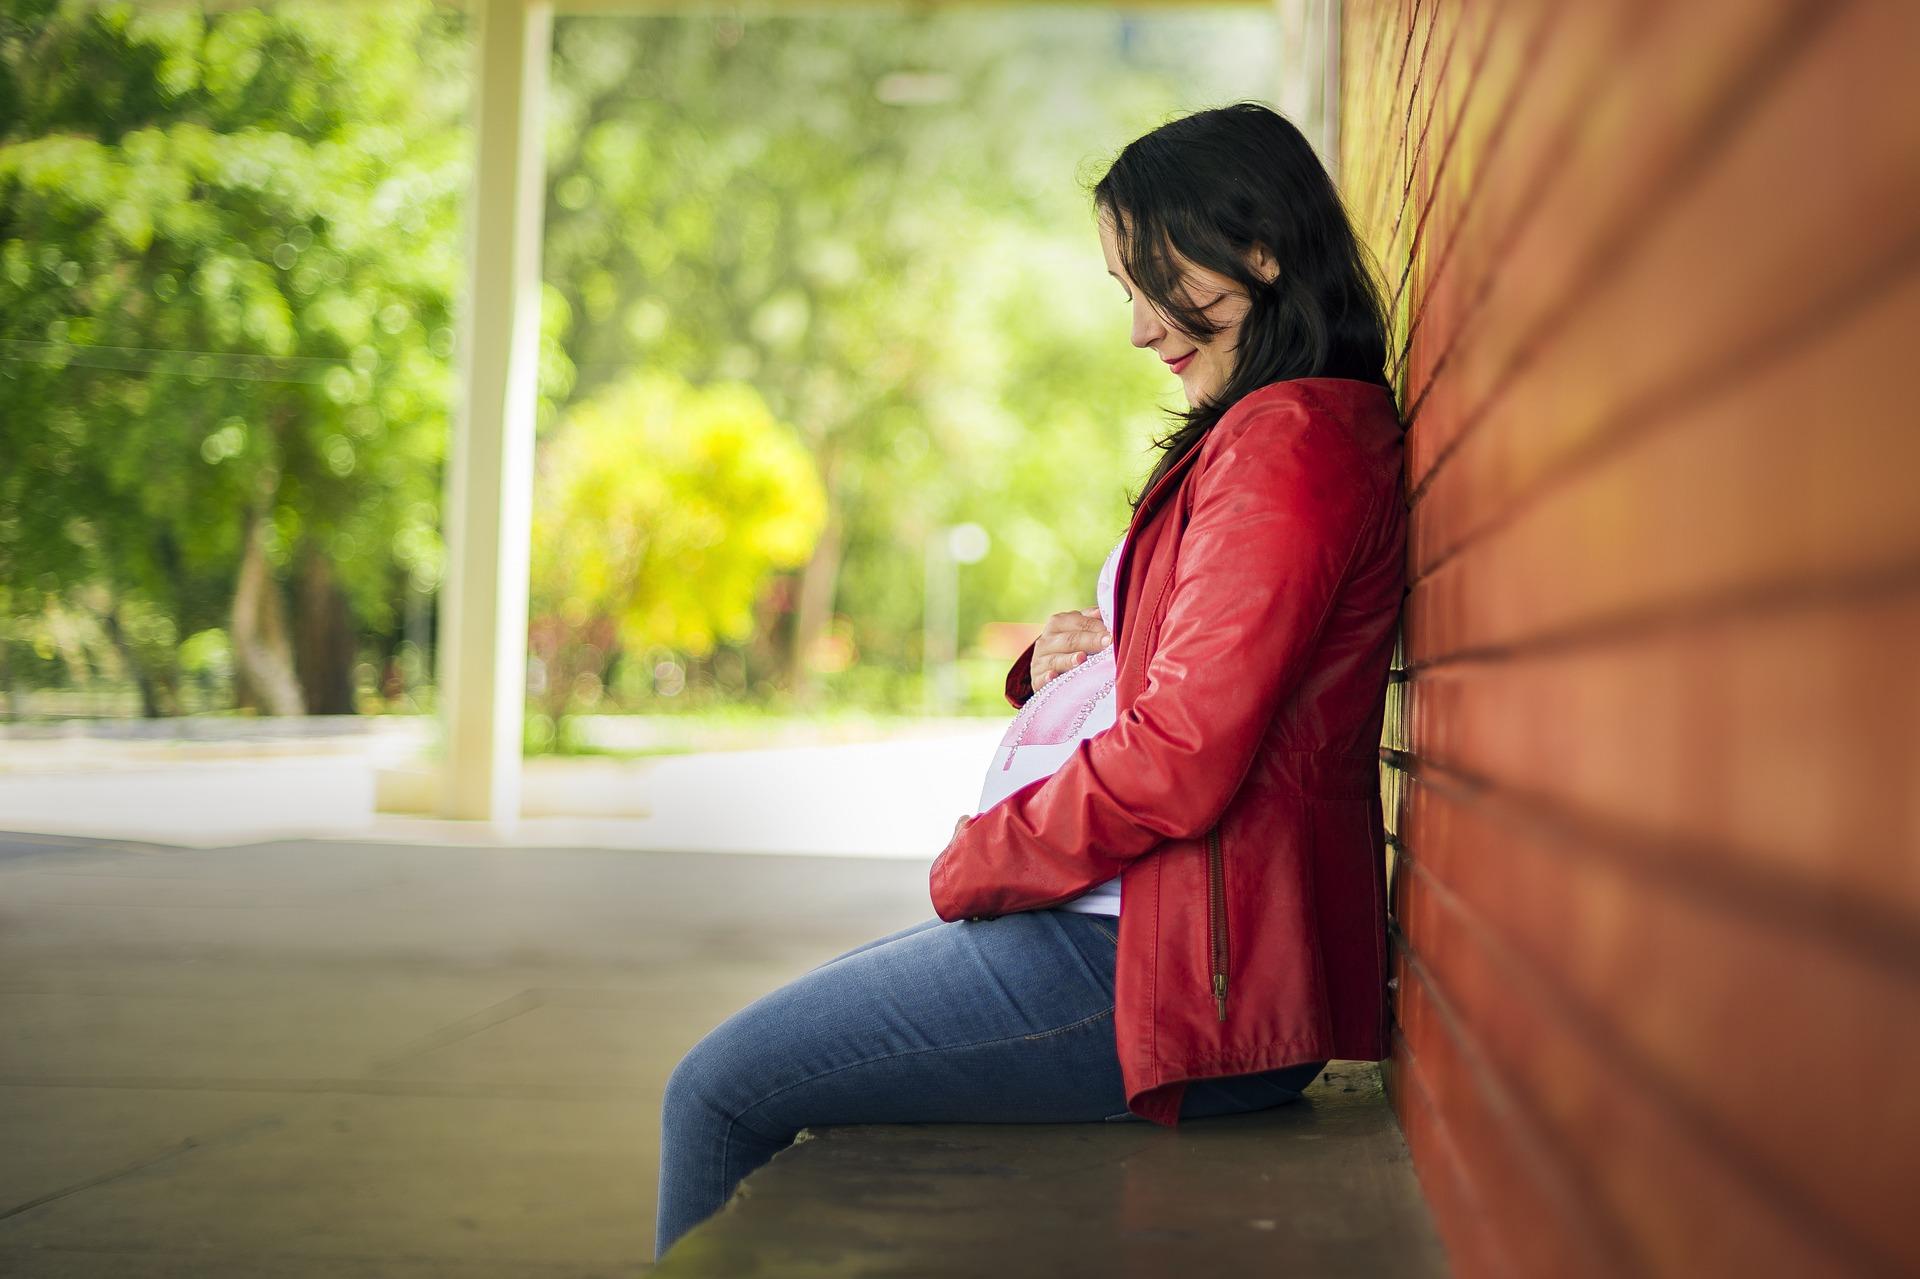 Kwas foliowy powinna przyjmować każda kobieta w ciąży, planująca ciążę, ale przede wszystkim jeśli jest w wieku rozrodczym. Dlaczego? Ze względu na odsetek nieplanowanych ciąż, który np. w USA sięga ok. 50%.